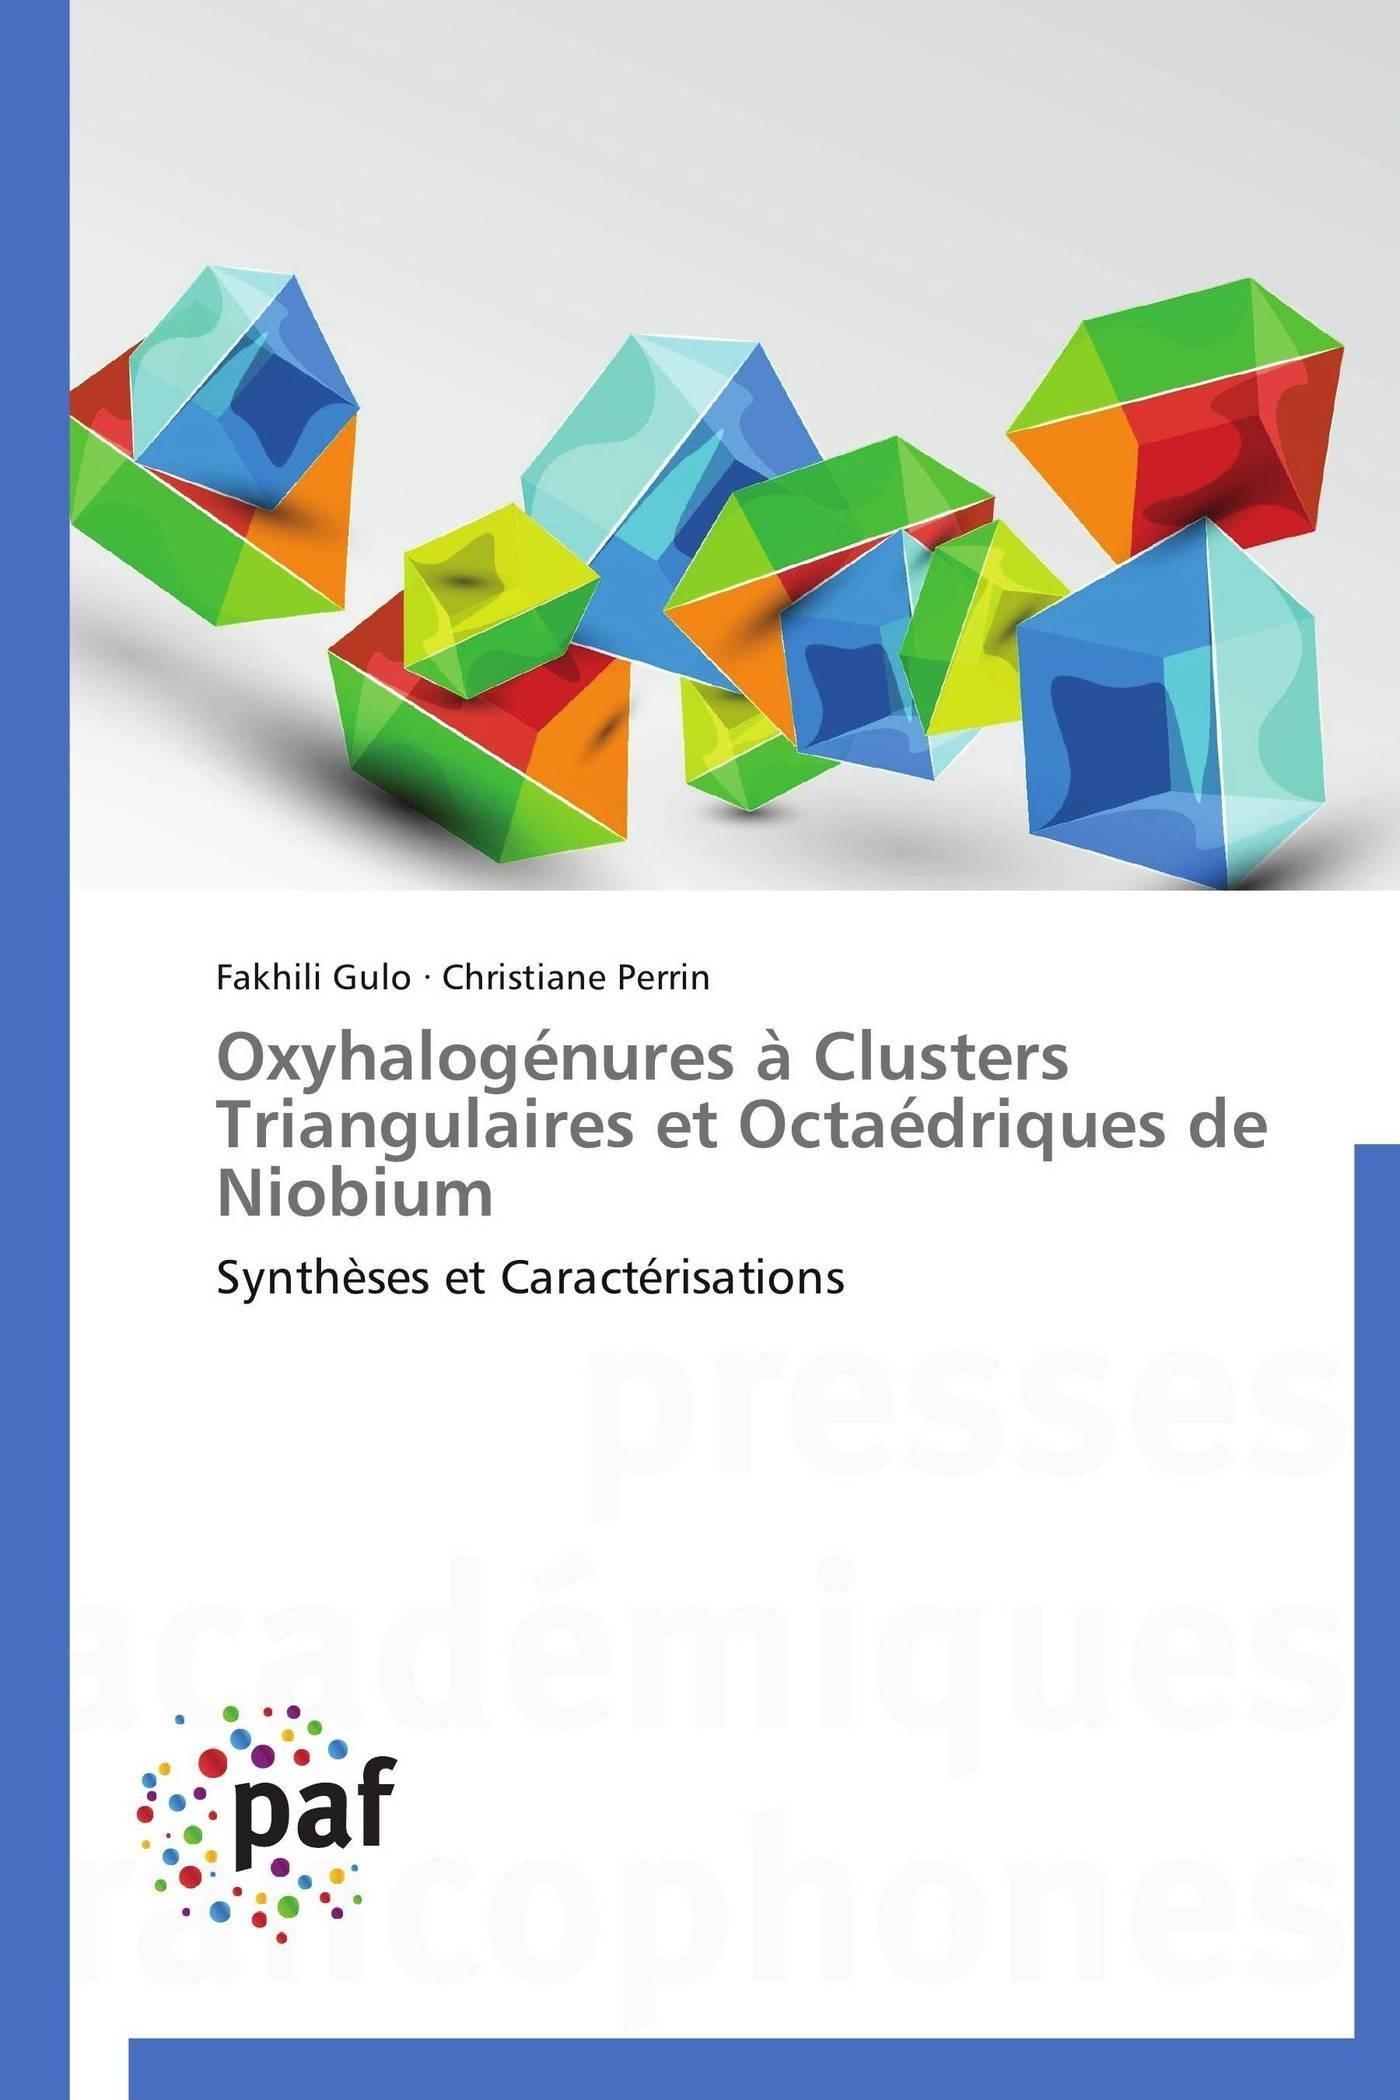 OXYHALOGENURES A CLUSTERS TRIANGULAIRES ET OCTAEDRIQUES DE NIOBIUM